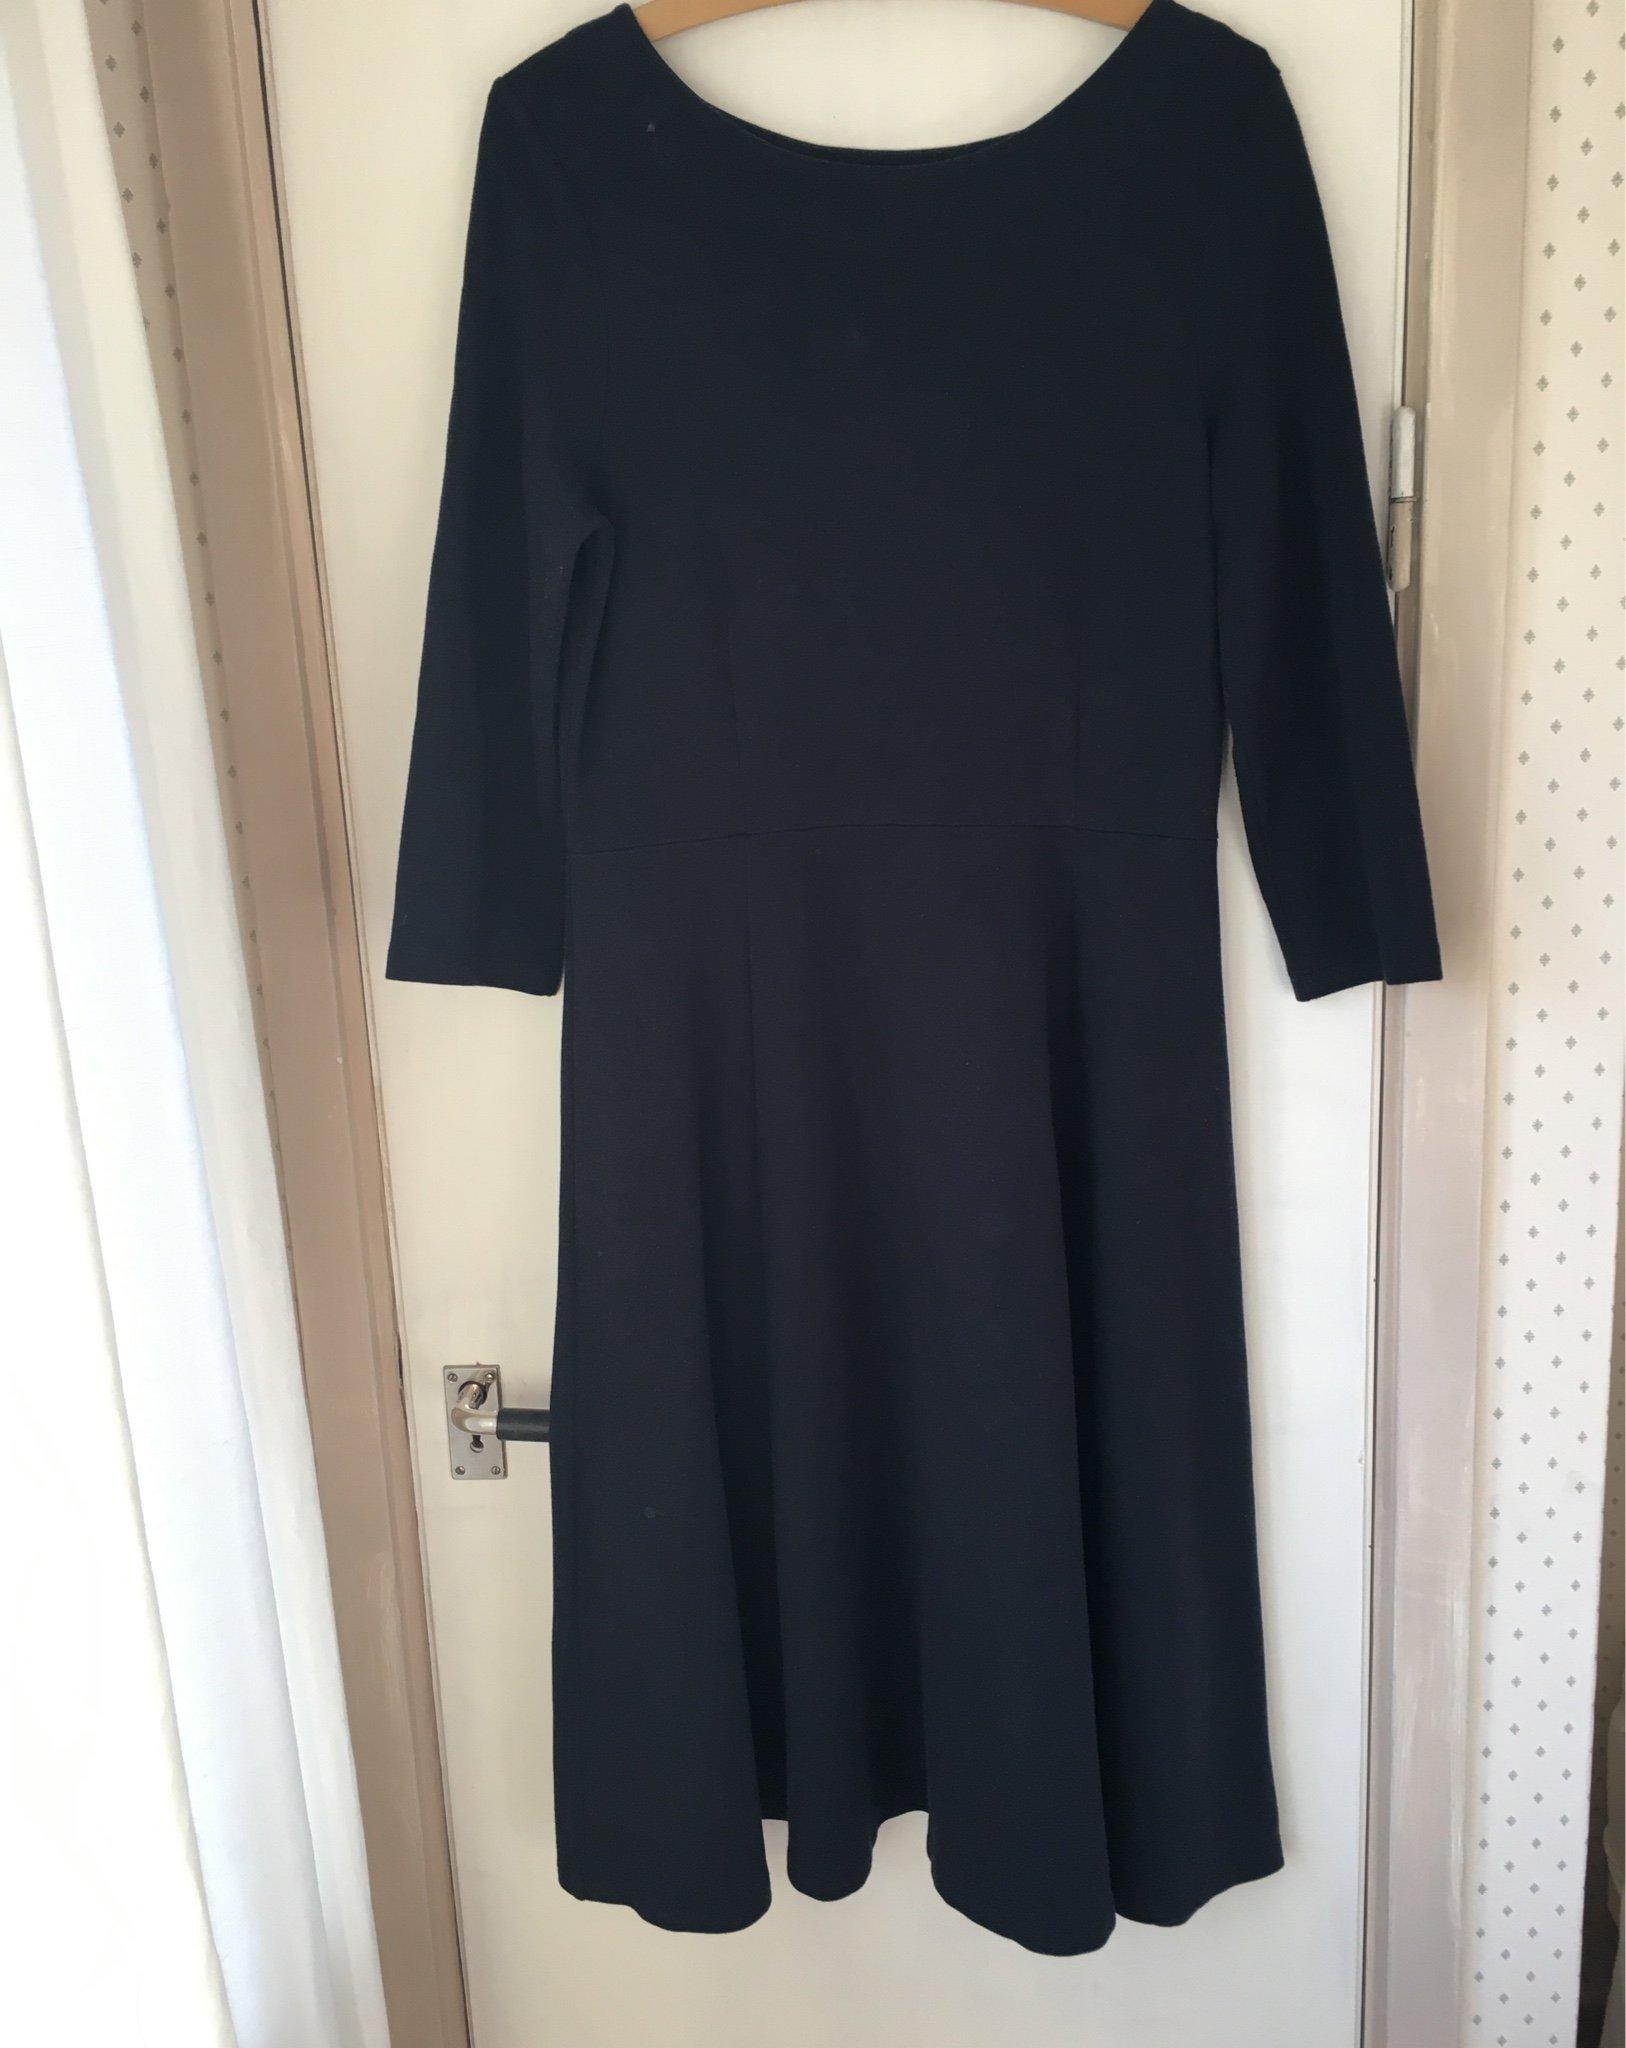 Stilren marinblå klänning från Jumperfabriken (389472550) ᐈ